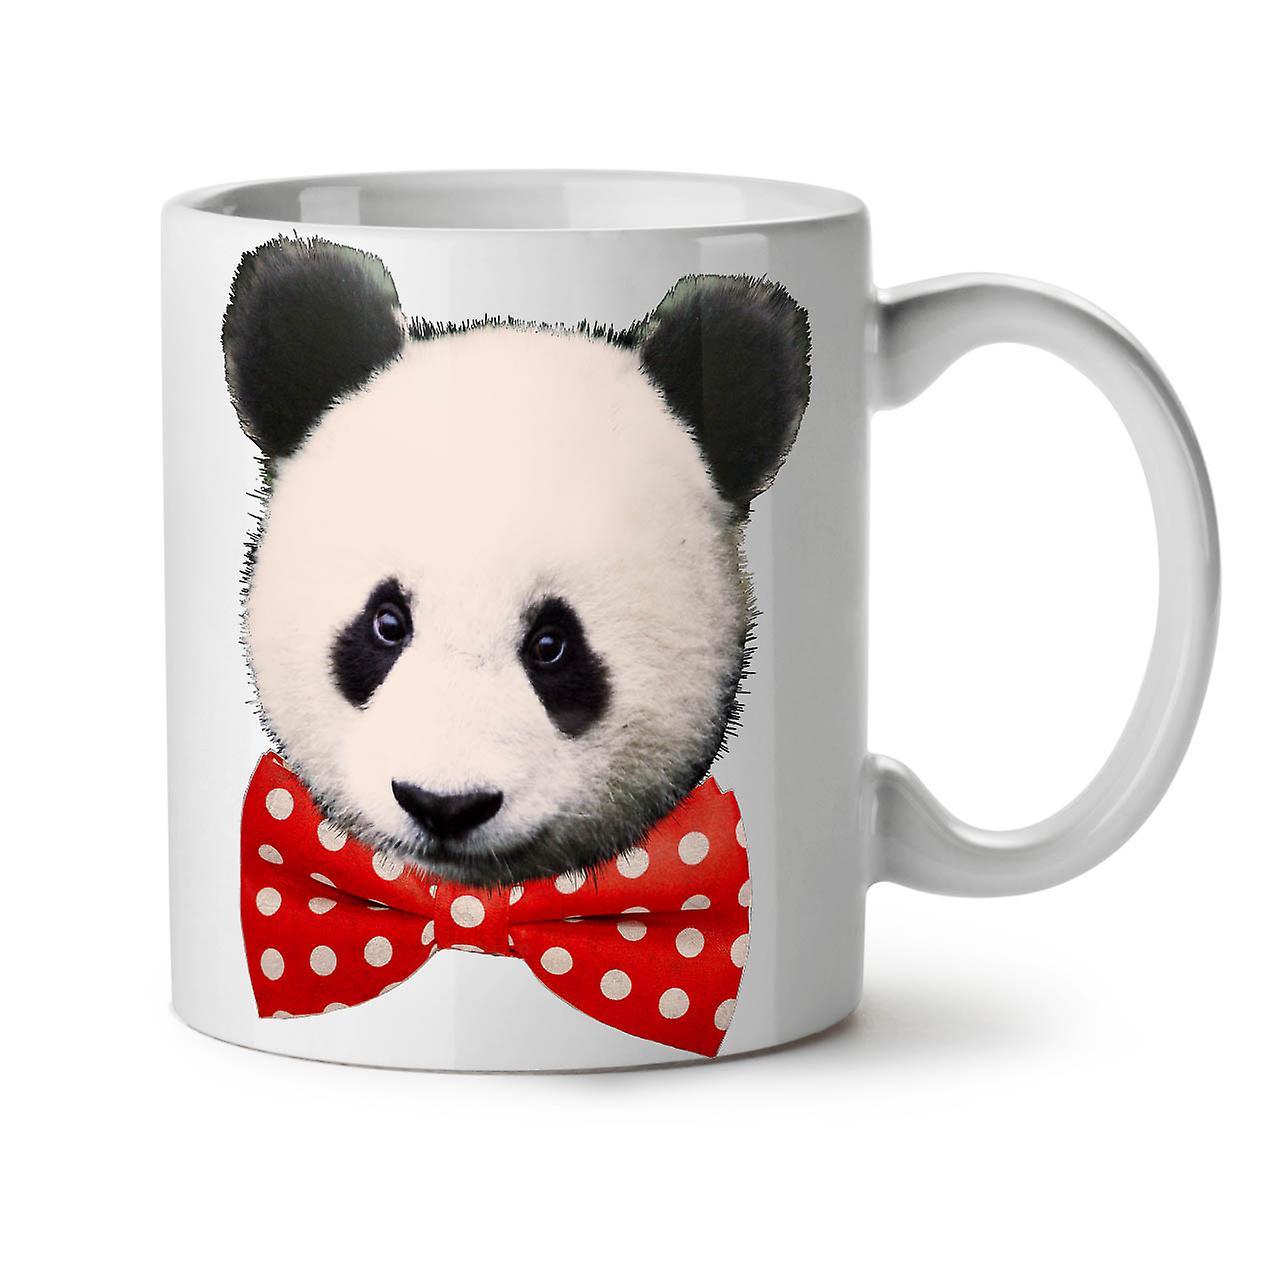 Drôle Café Céramique Papillon Tasse Blanc De Nouveau Noeud Thé Le 11 OzWellcoda Mignon Panda 7bfYgyv6